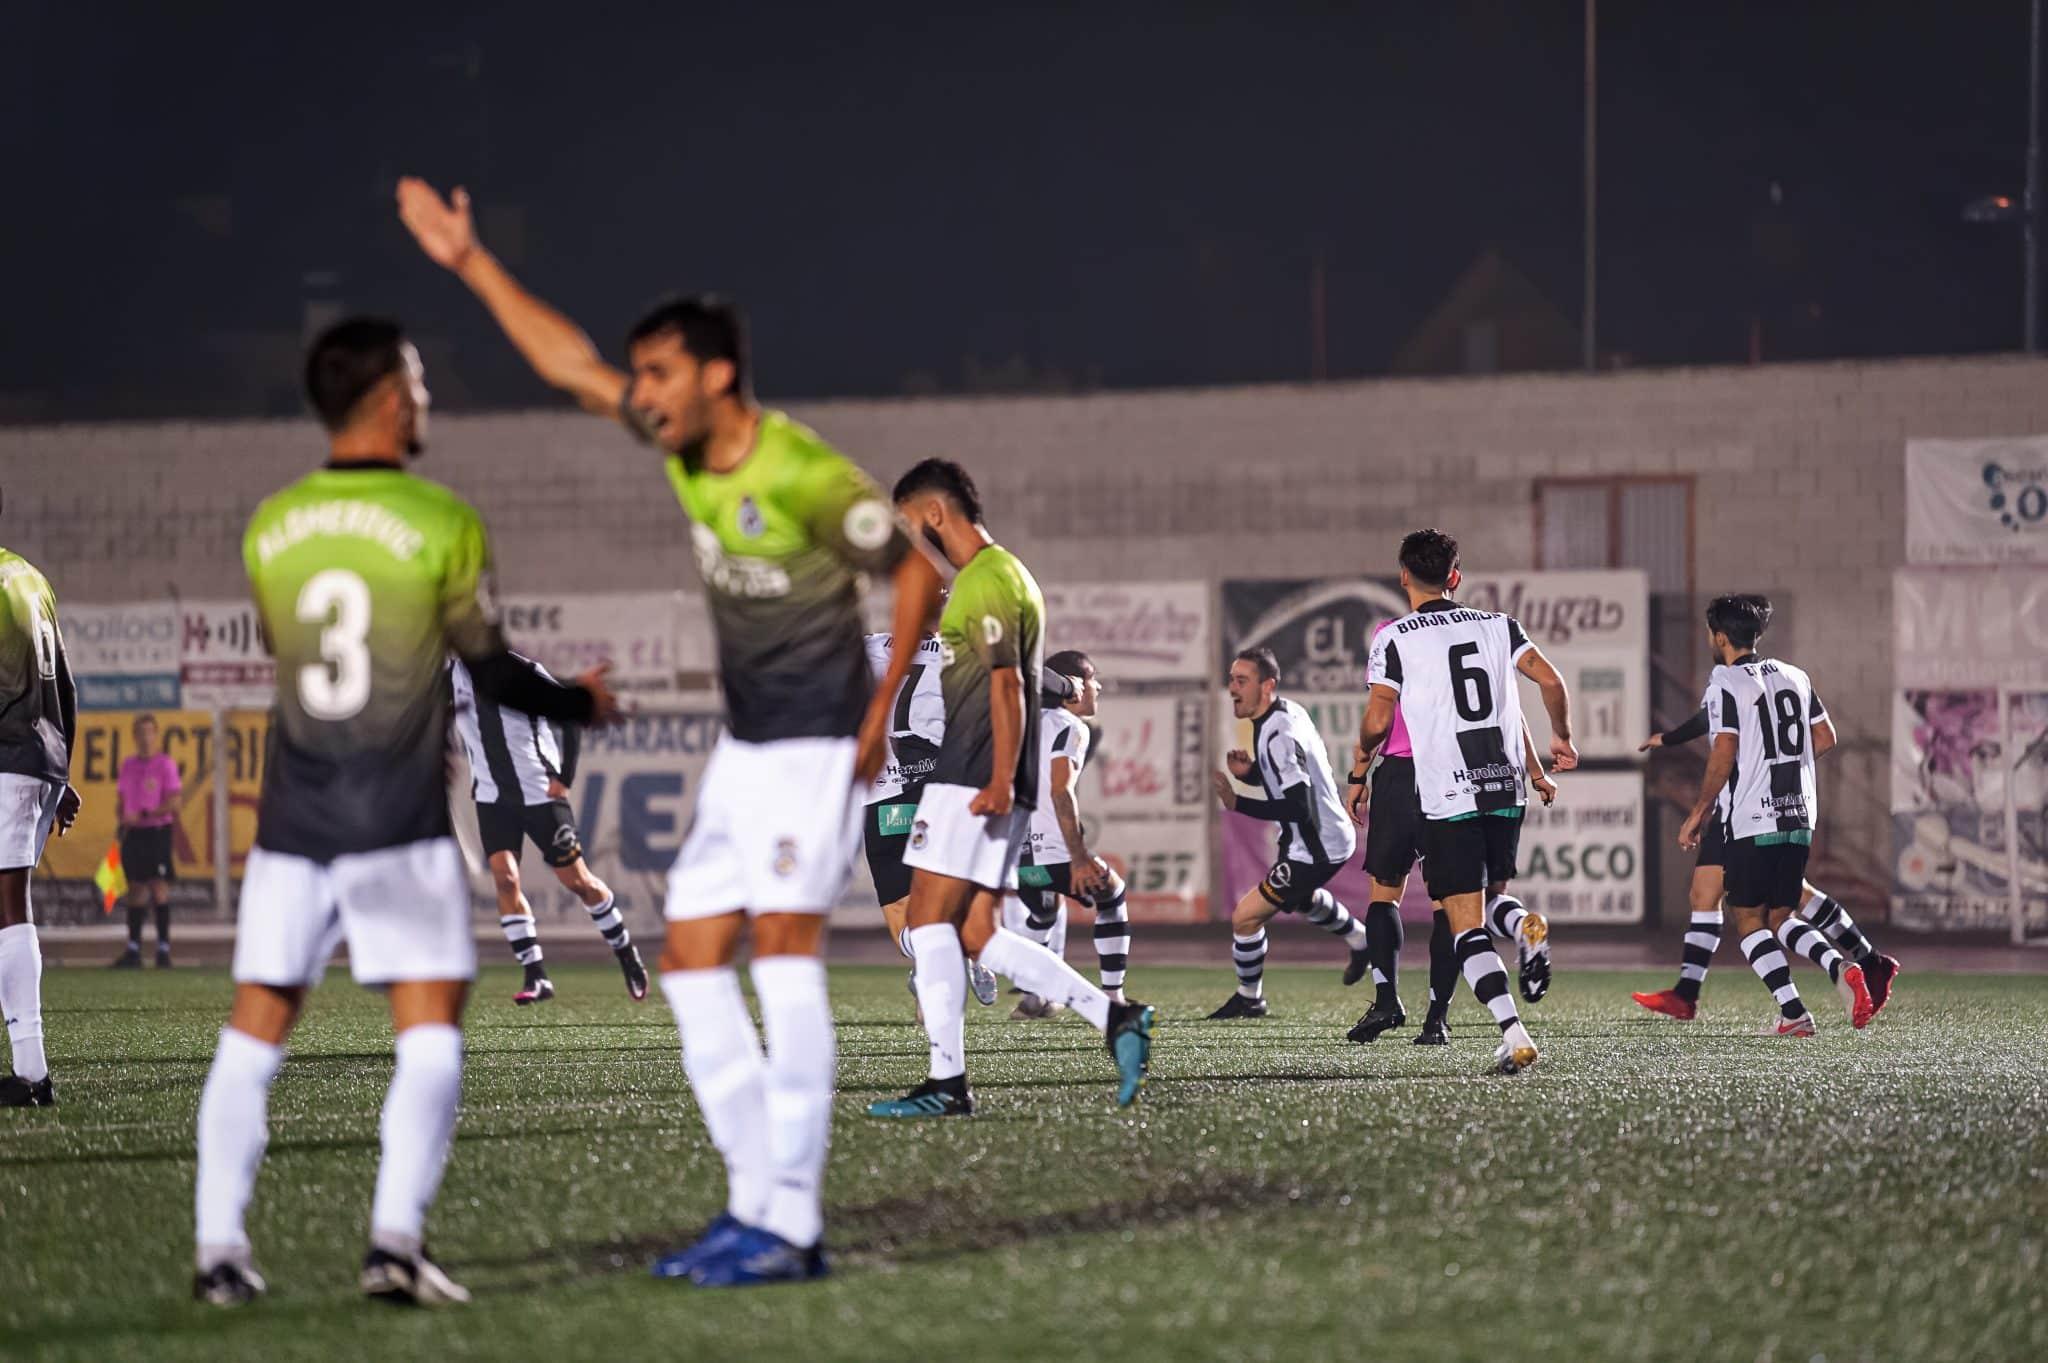 FOTOS: El Haro, el único equipo riojano que sobrevive en la Copa del Rey 12